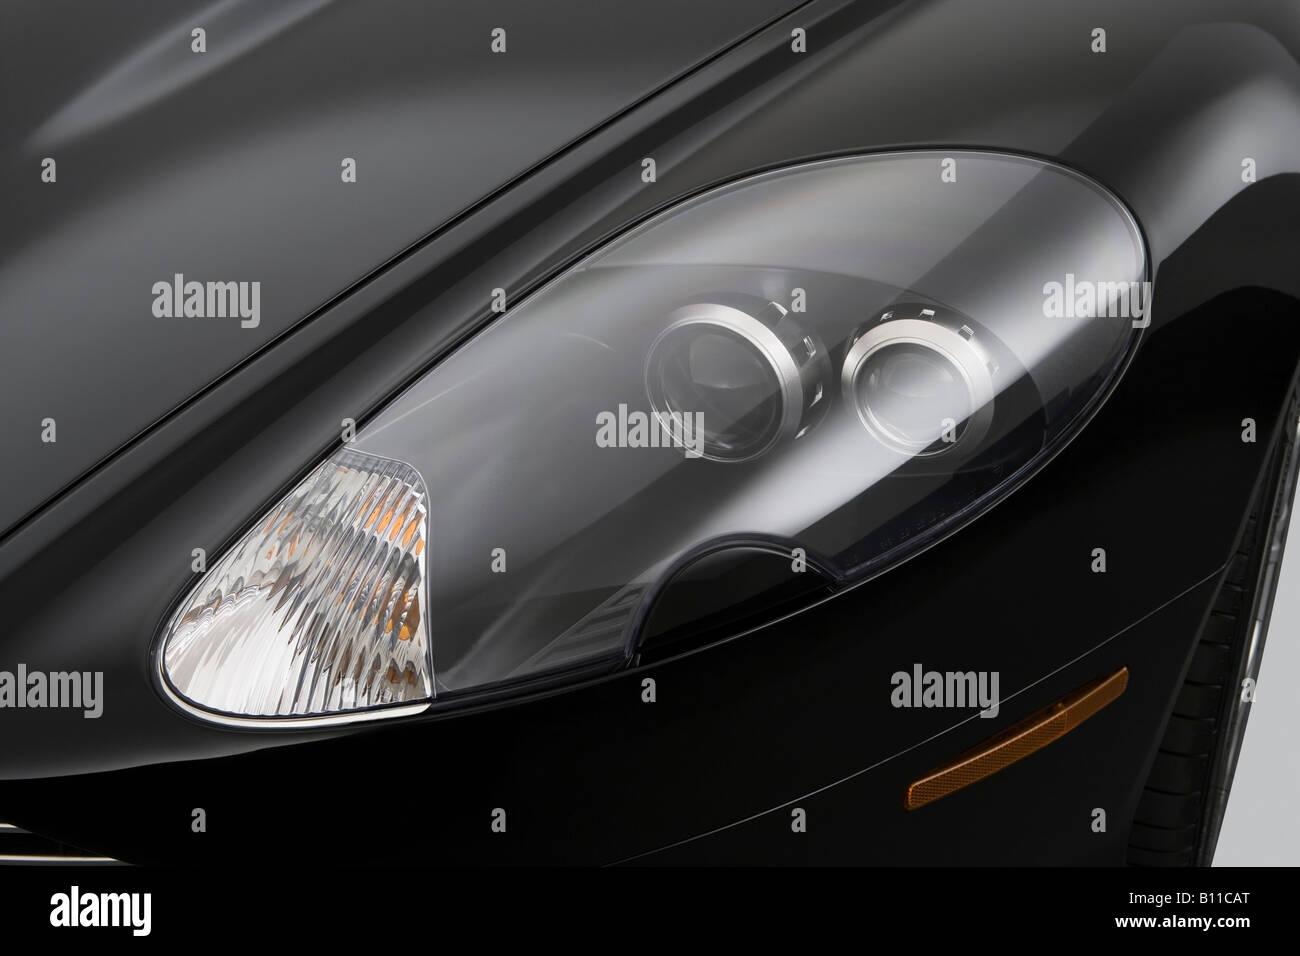 Aston Martin DB In Black Headlight Stock Photo Alamy - Aston martin headlights